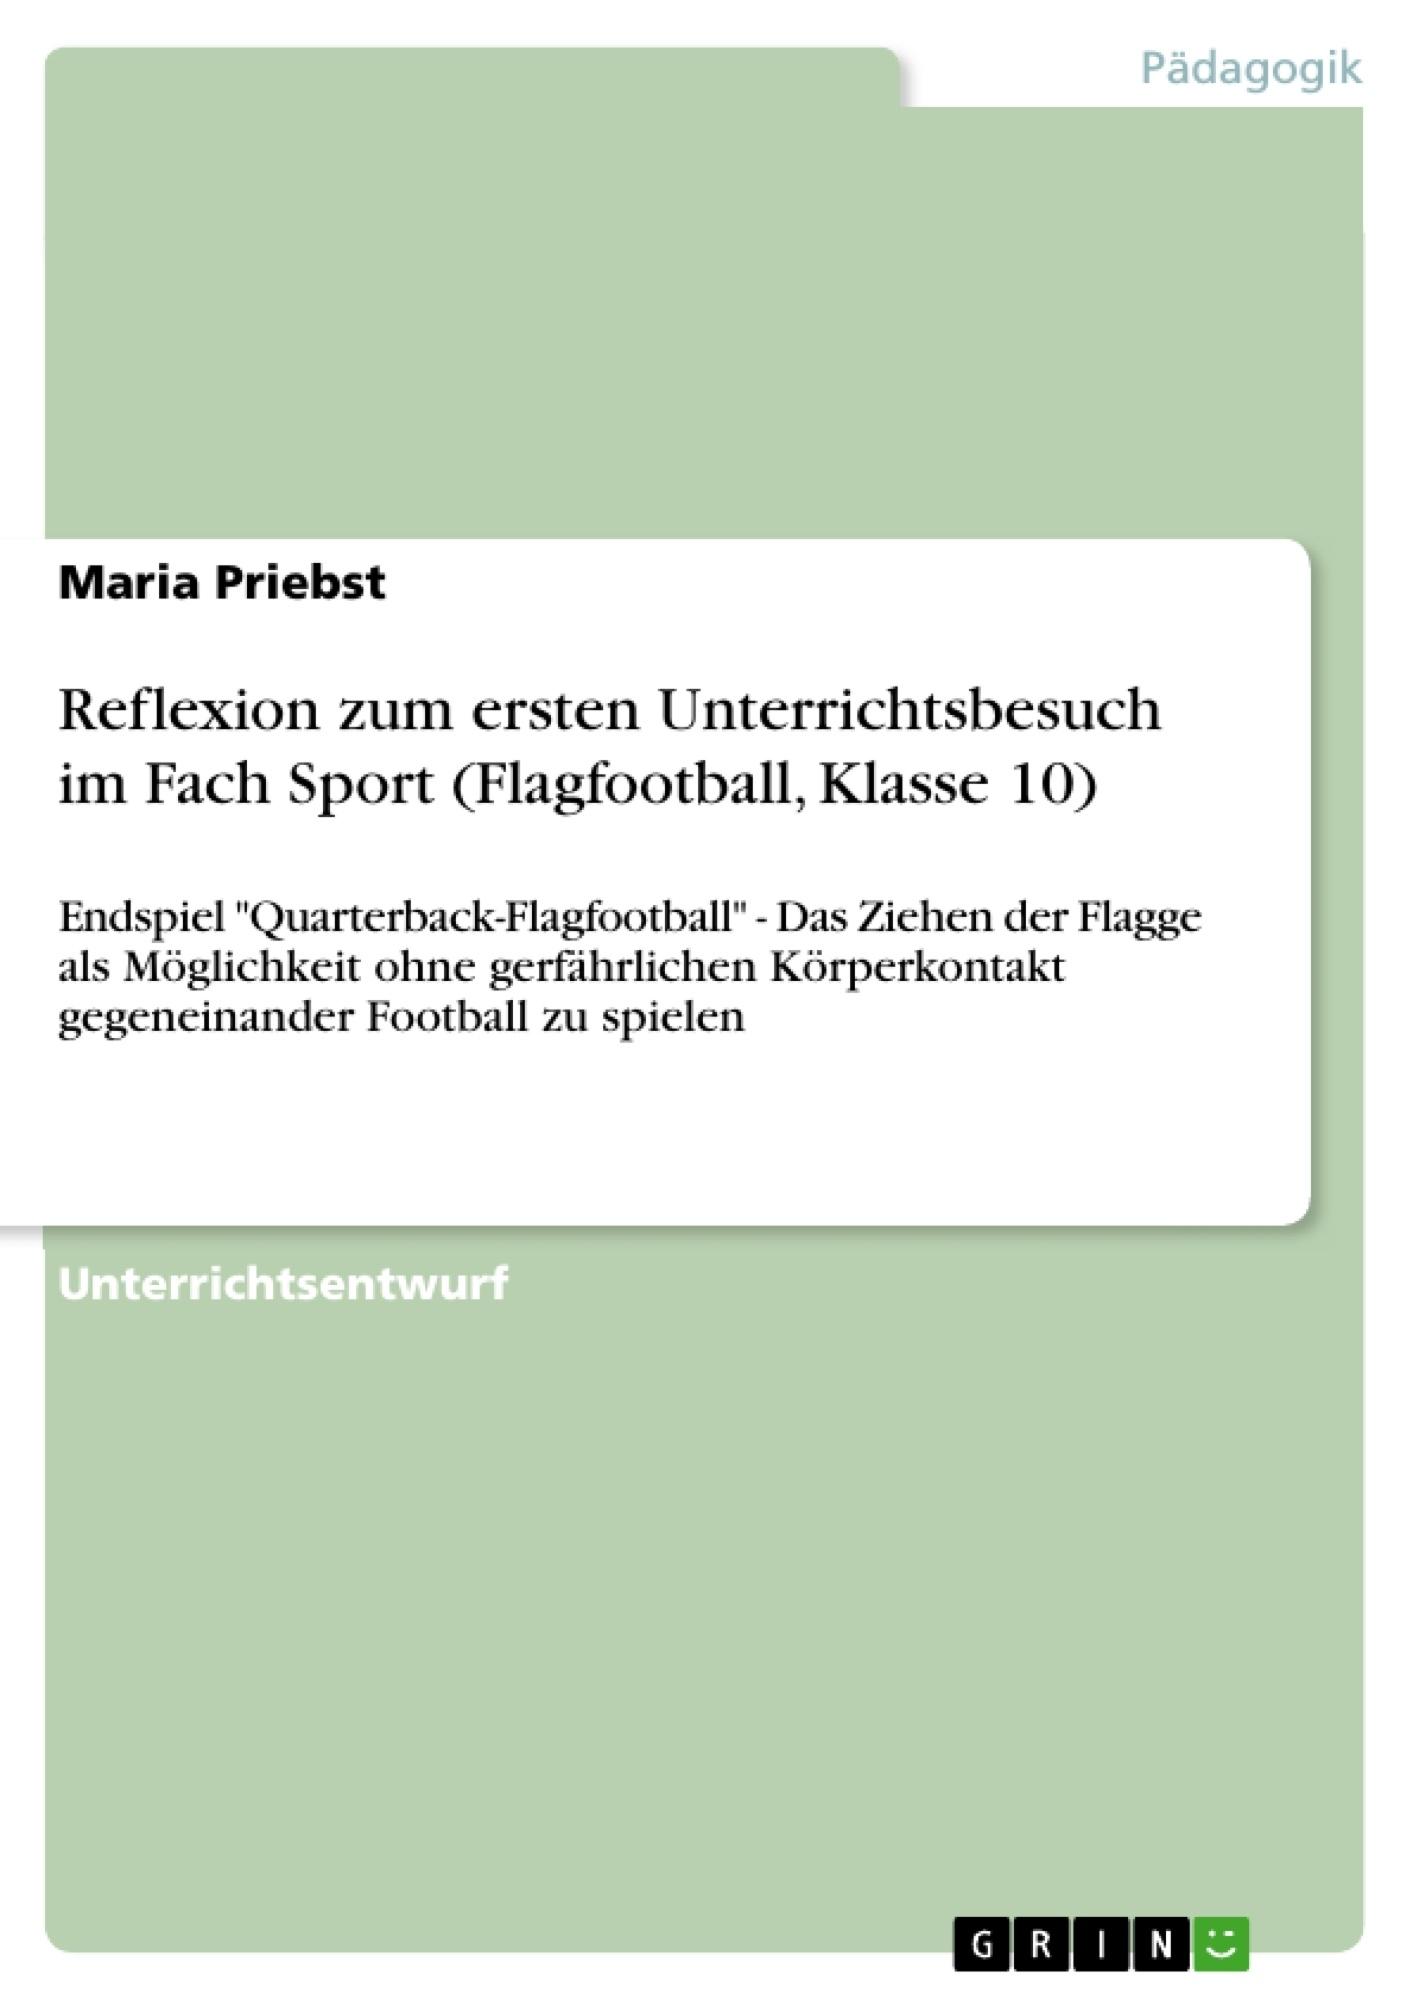 Titel: Reflexion zum ersten Unterrichtsbesuch im Fach Sport (Flagfootball, Klasse 10)